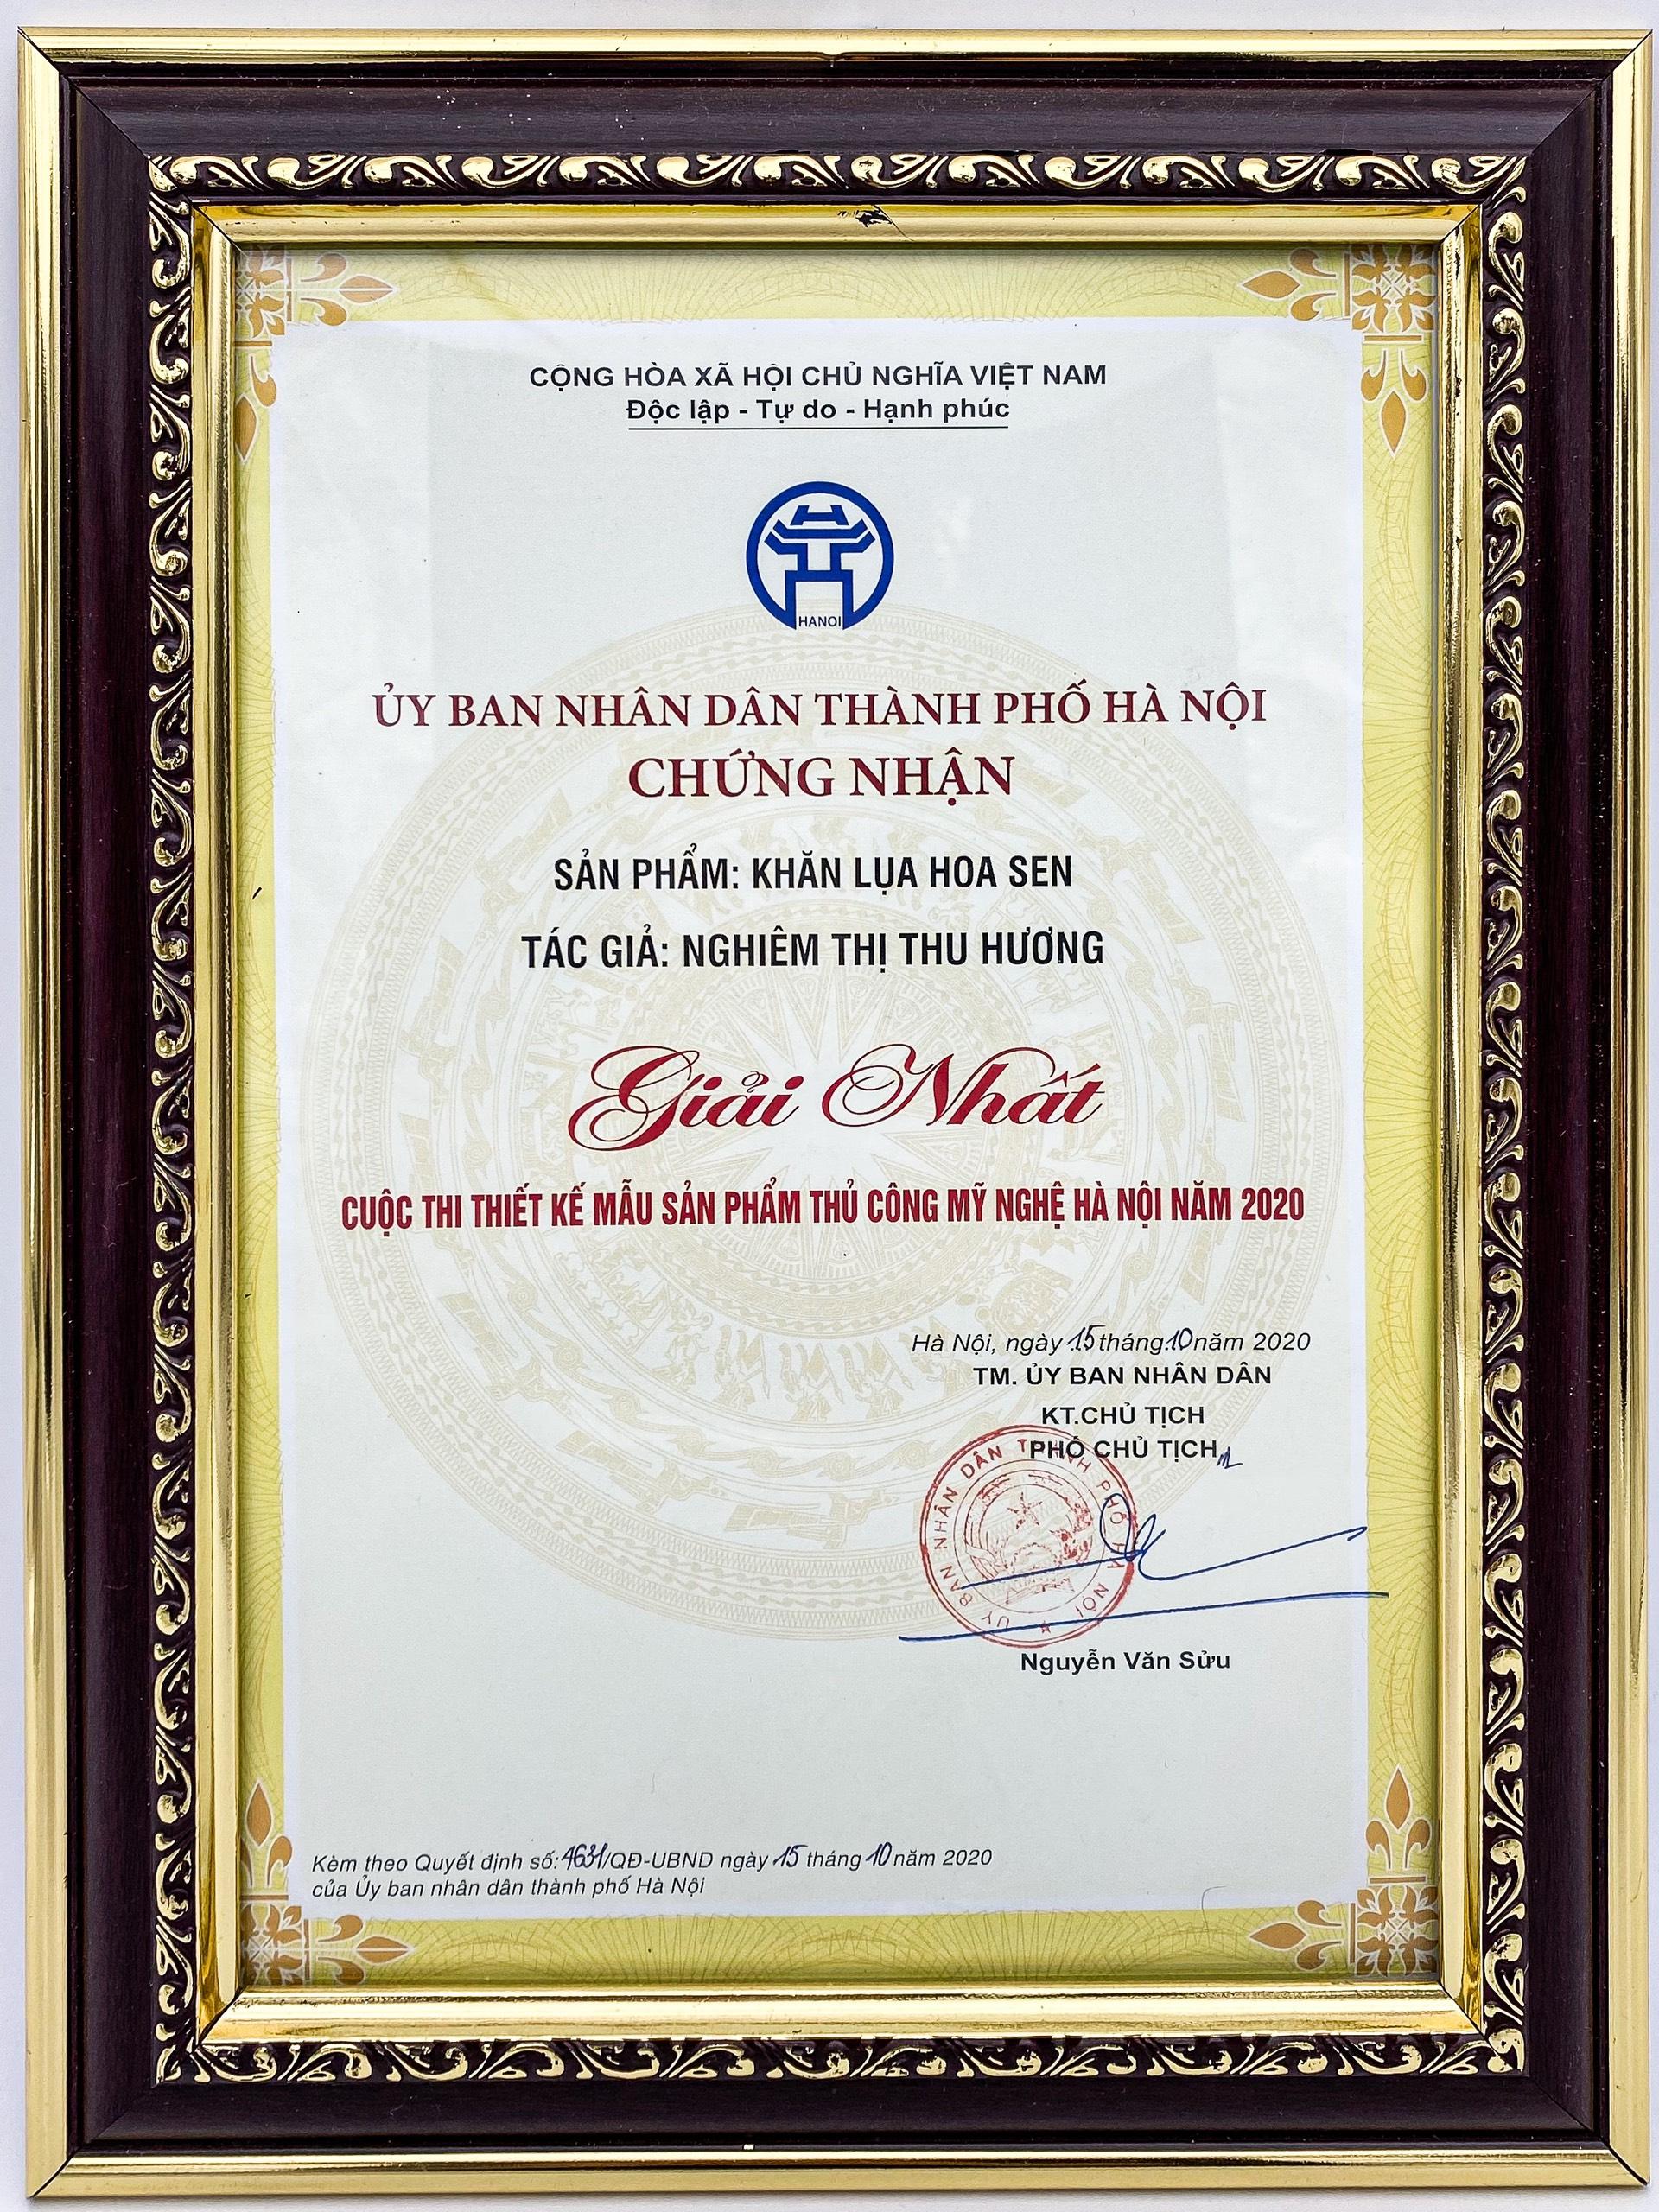 gioi-thieu-ve-dong-huong-silk-11